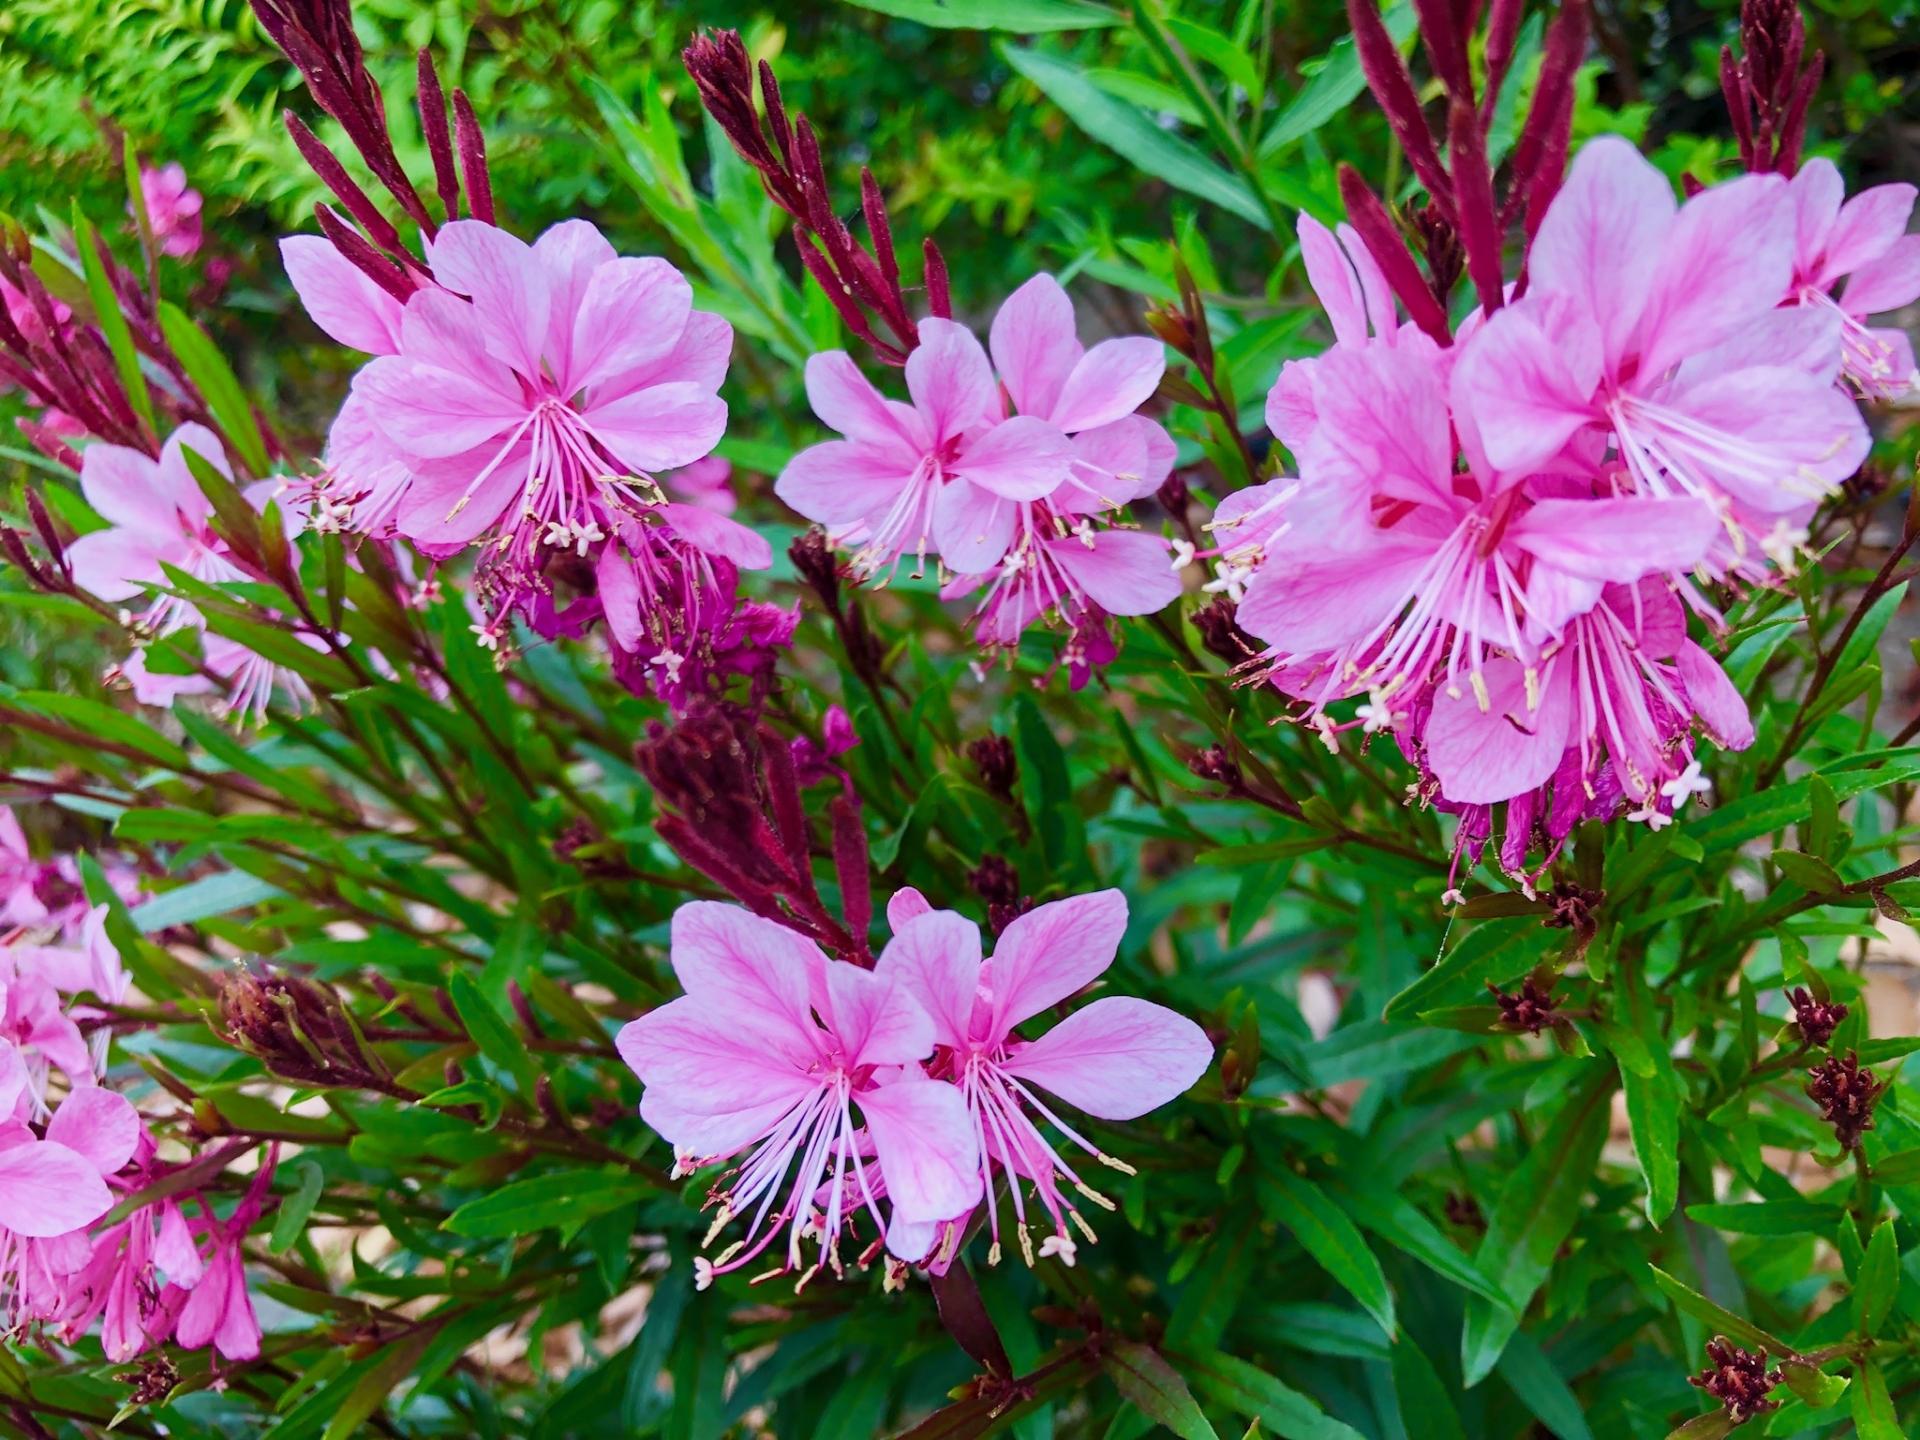 青みピンクのお花ガウラ